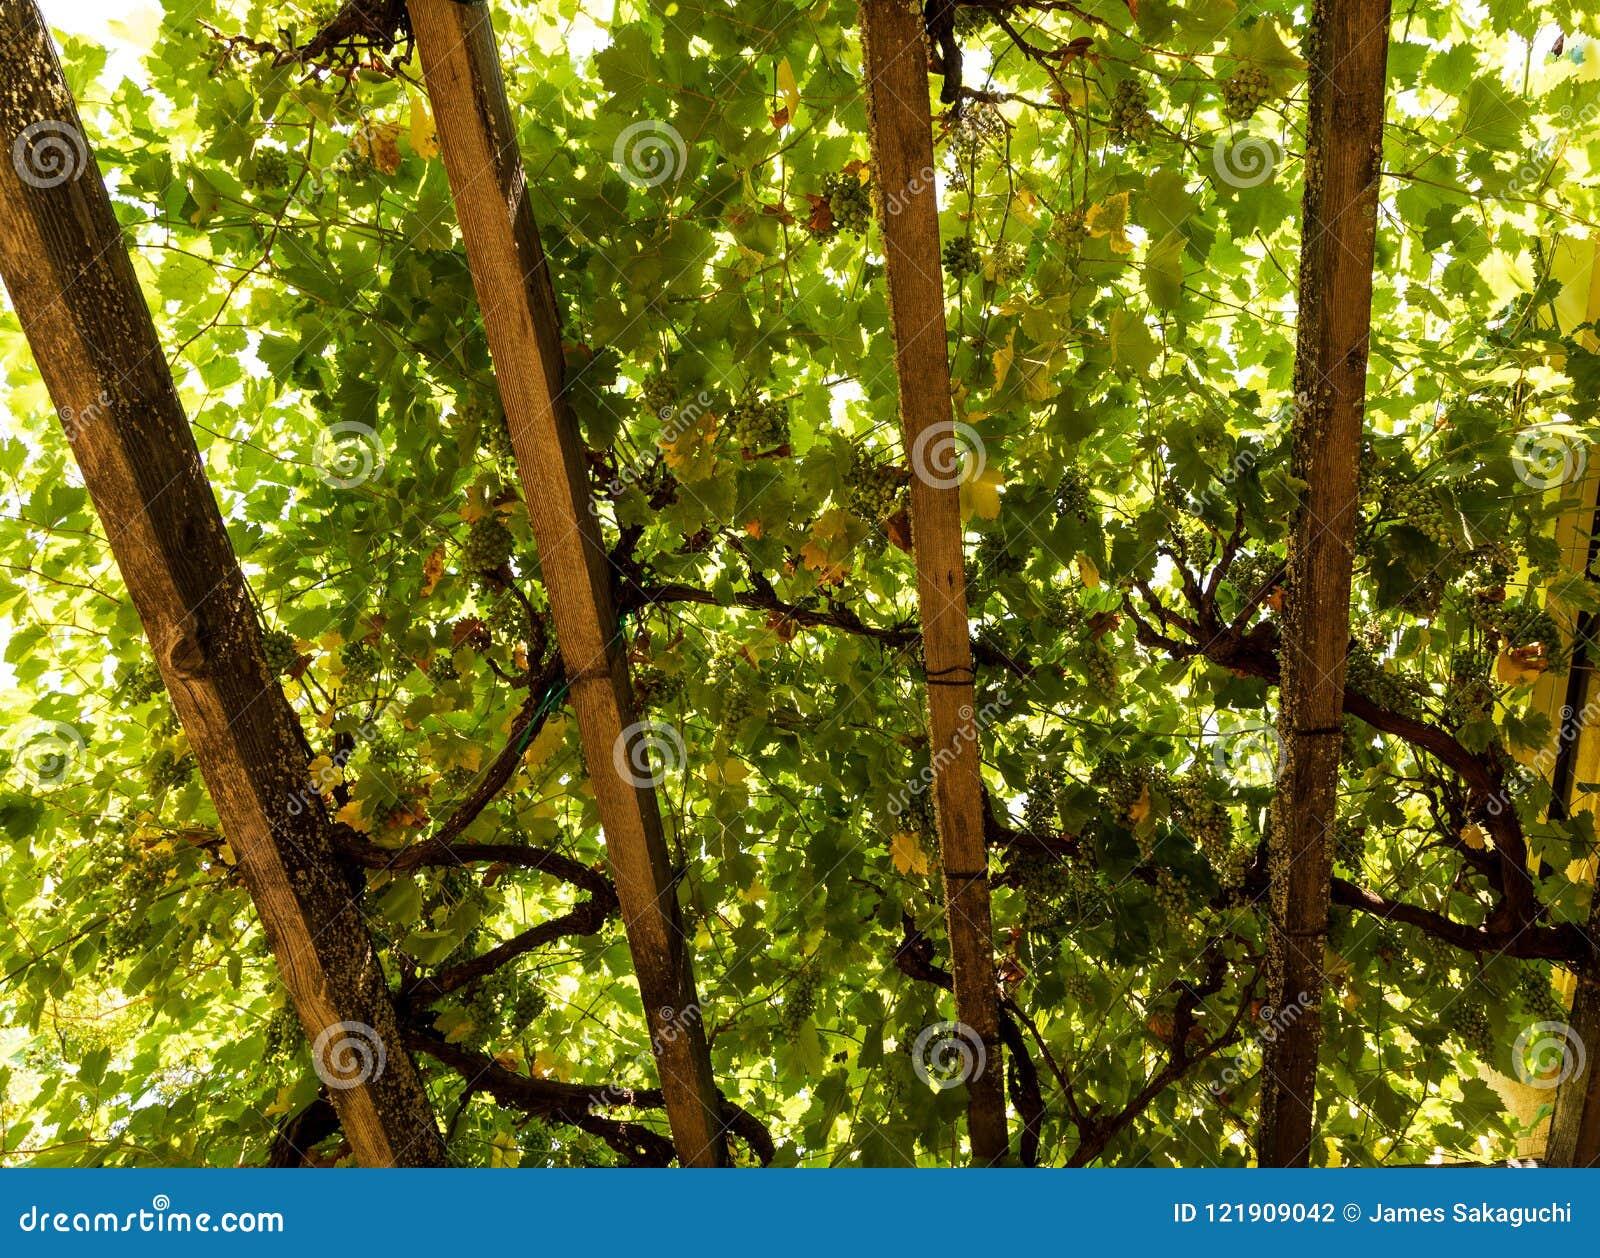 Сидеть под тенью виноградных лоз от вышеуказанных стропилин